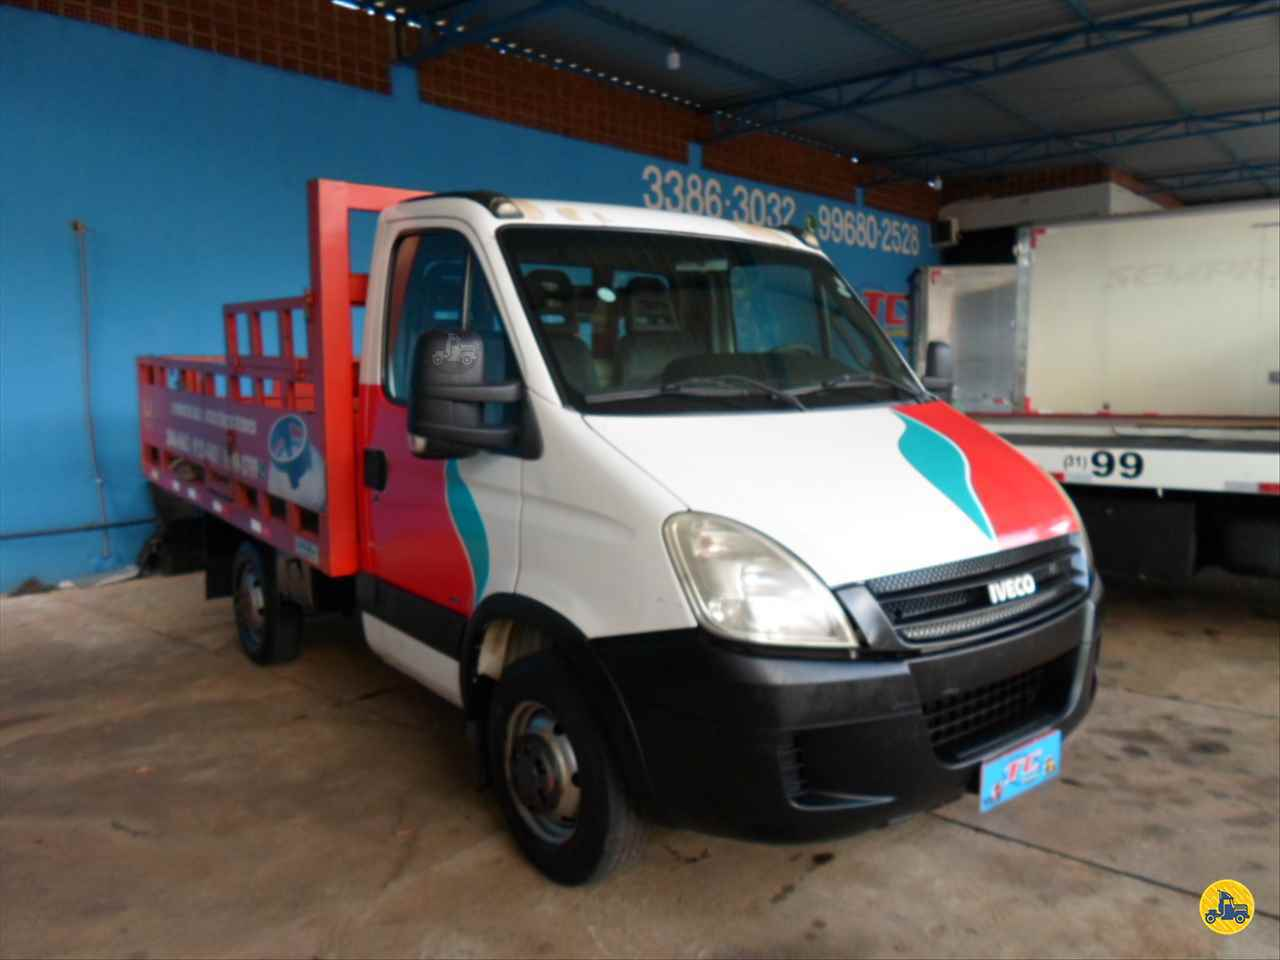 CAMINHAO IVECO DAILY 35s14 Carga Seca 3/4 4x2 TC Caminhões  BELO HORIZONTE MINAS GERAIS MG